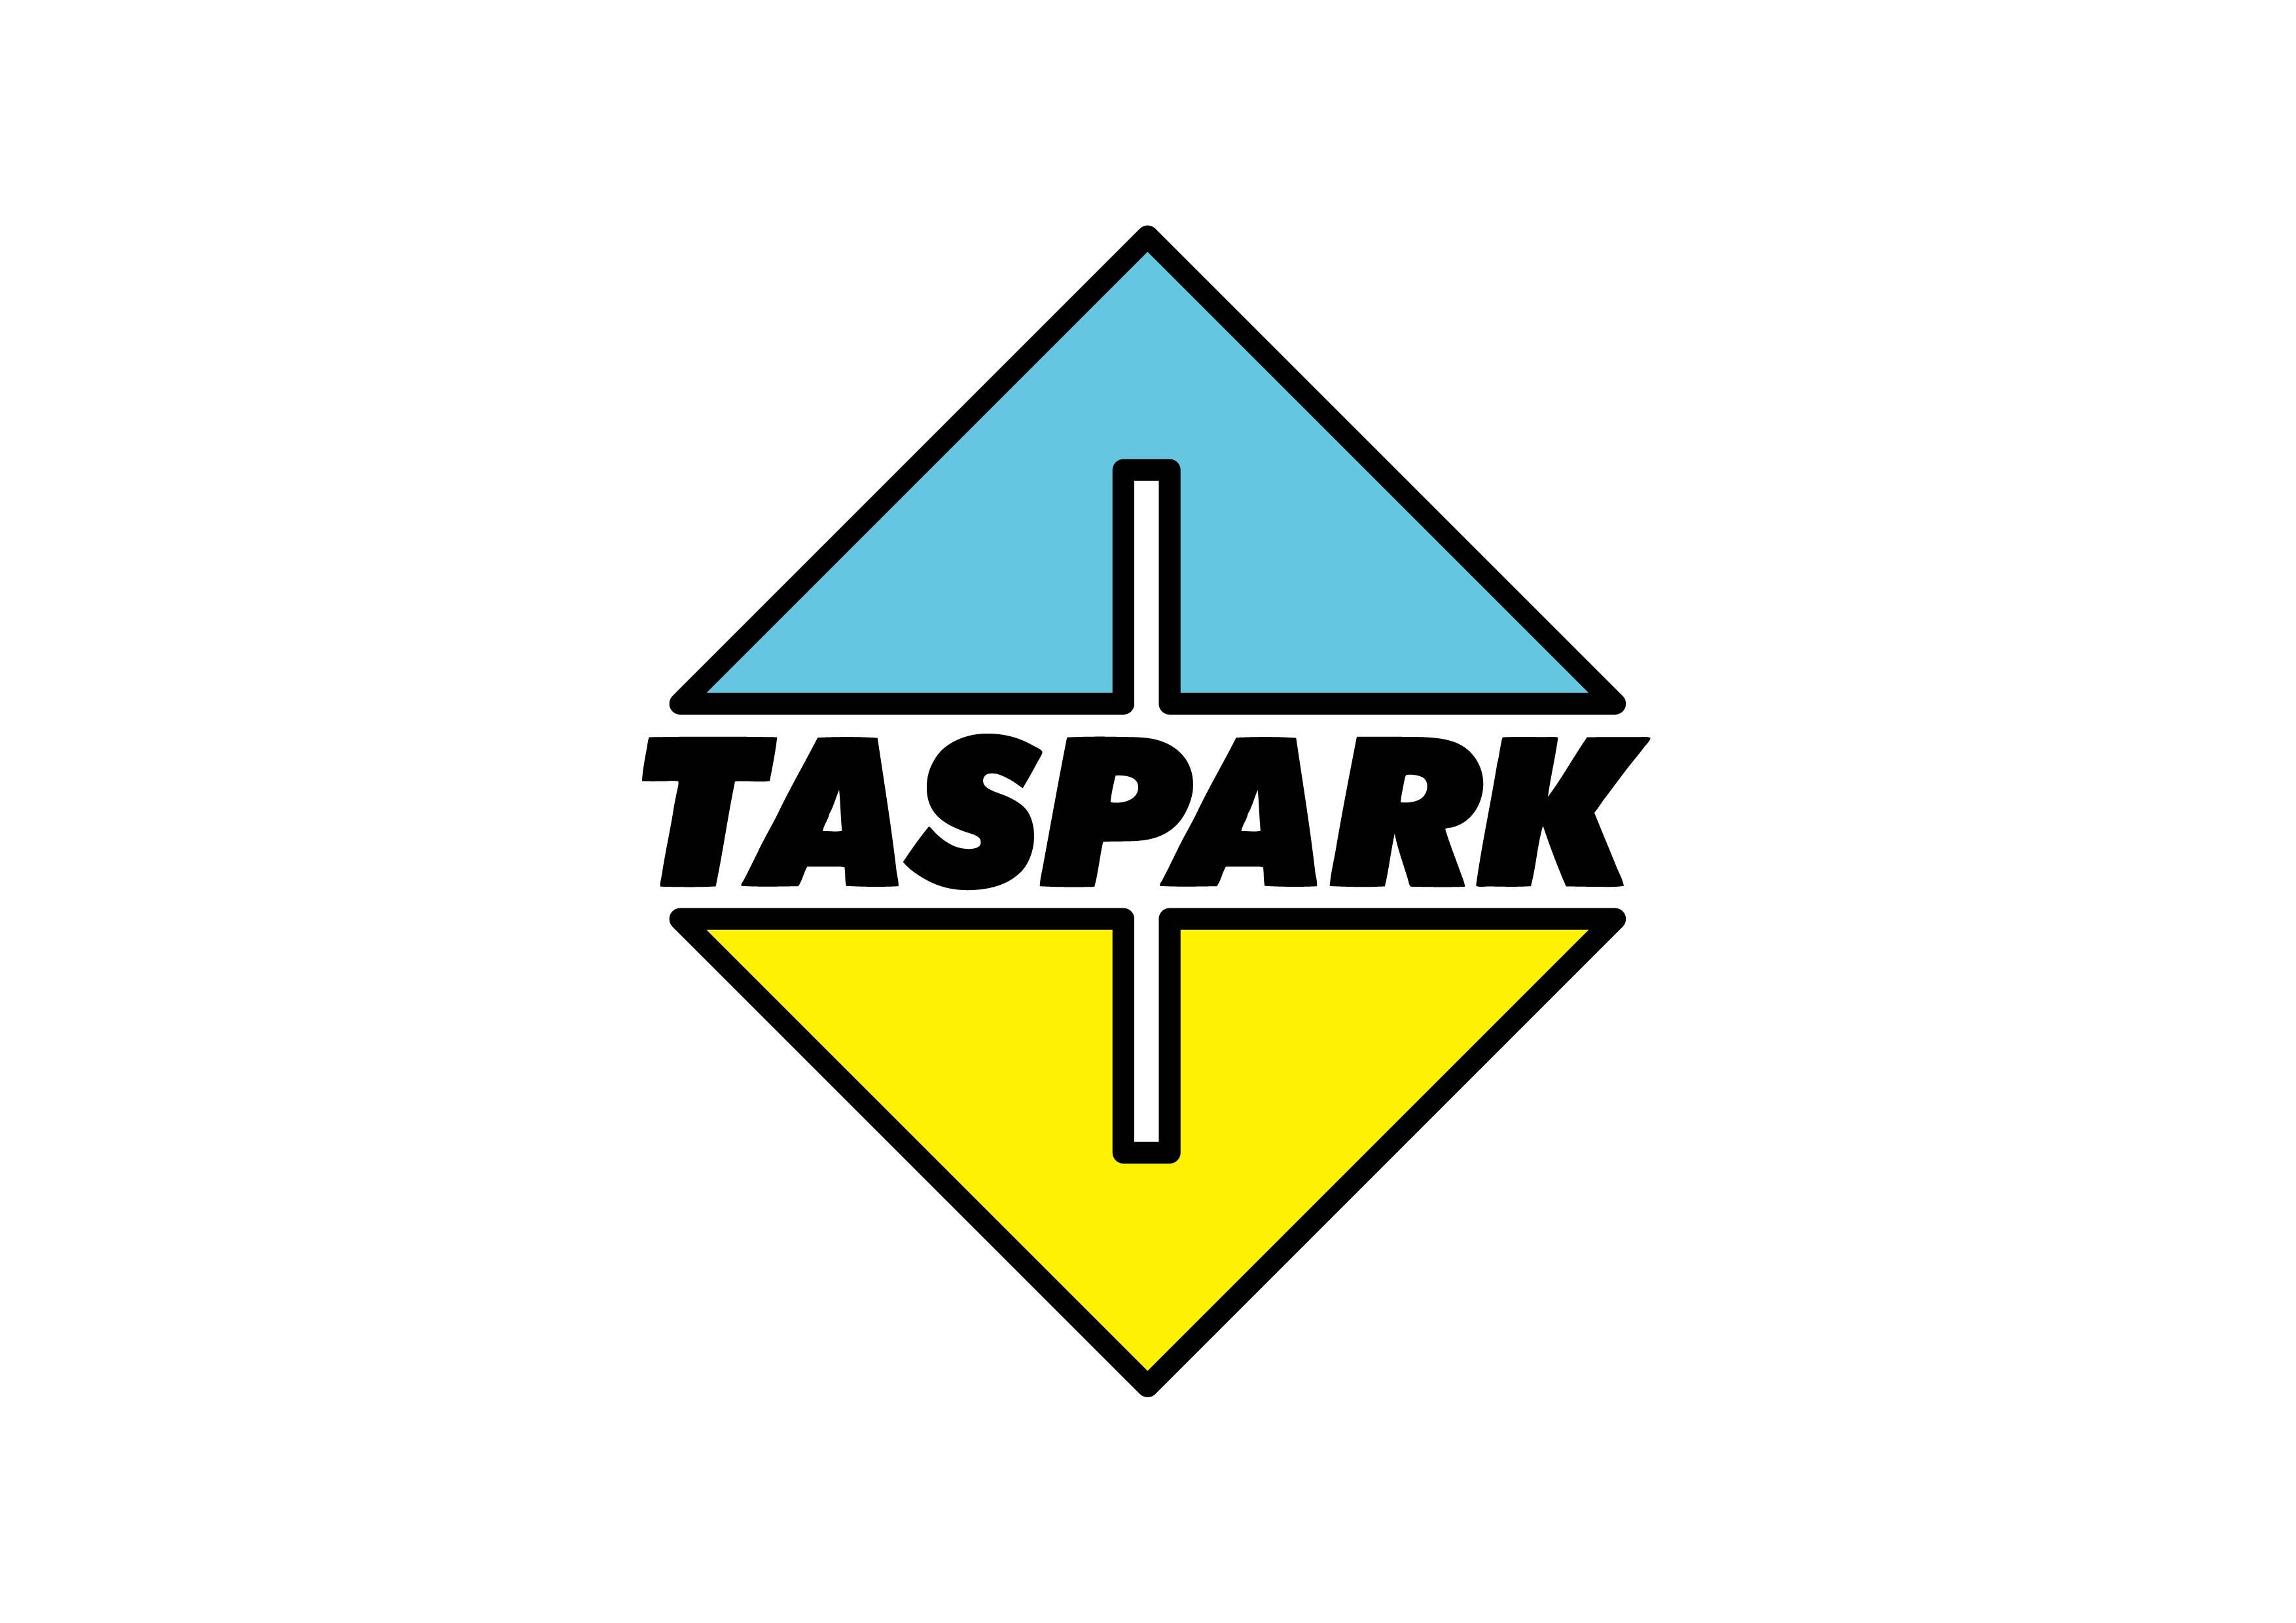 taspark_logo_1